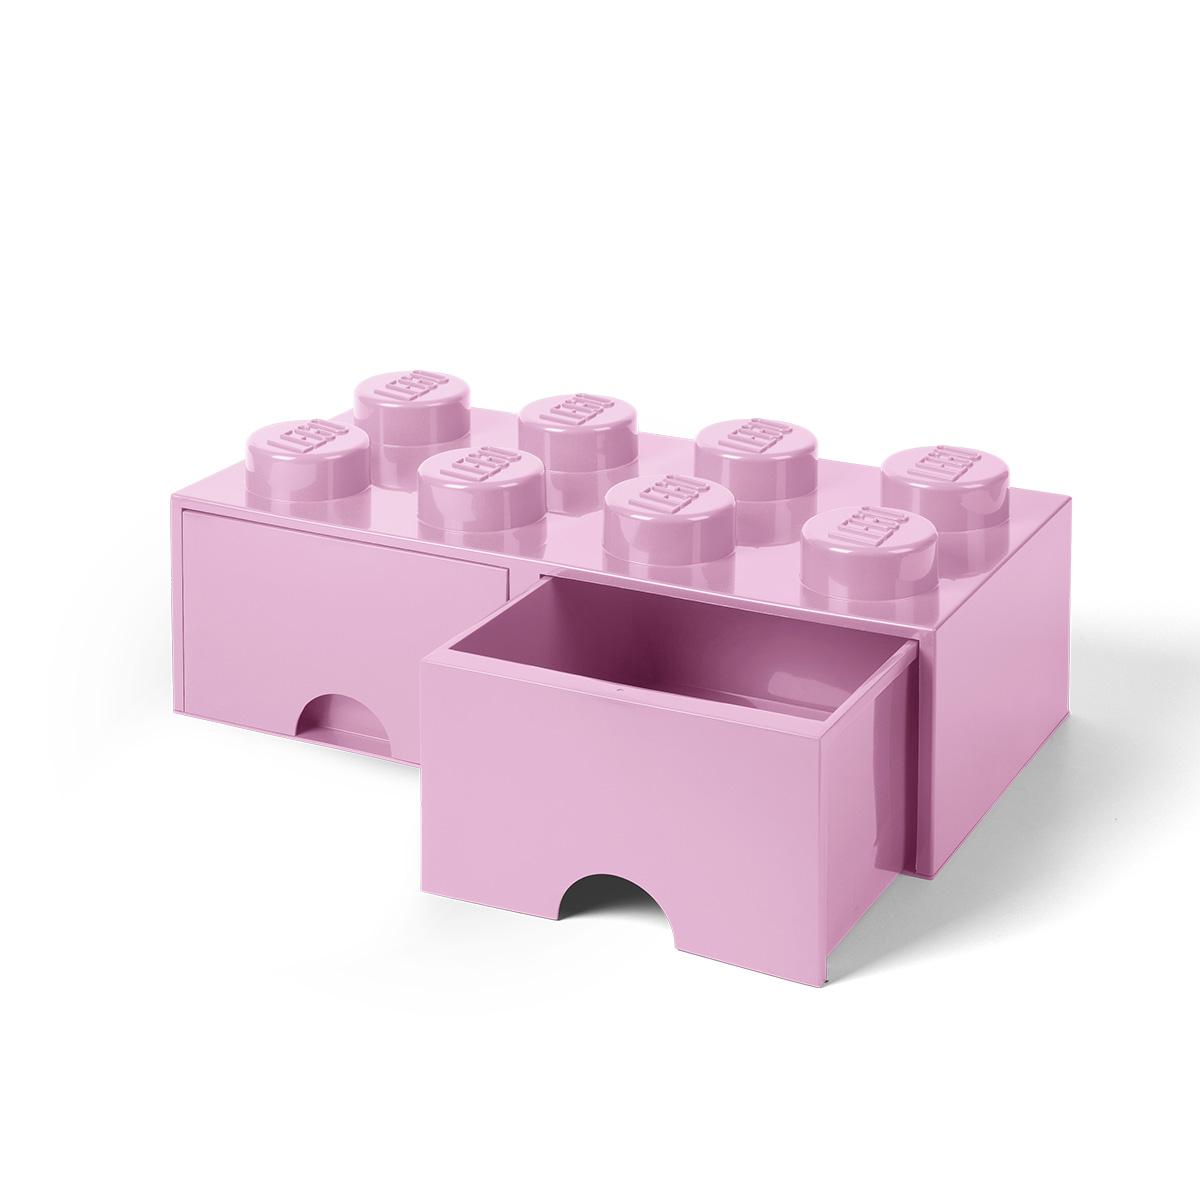 LEGO opbevaringskasse med 2 skuffer - Lyserød